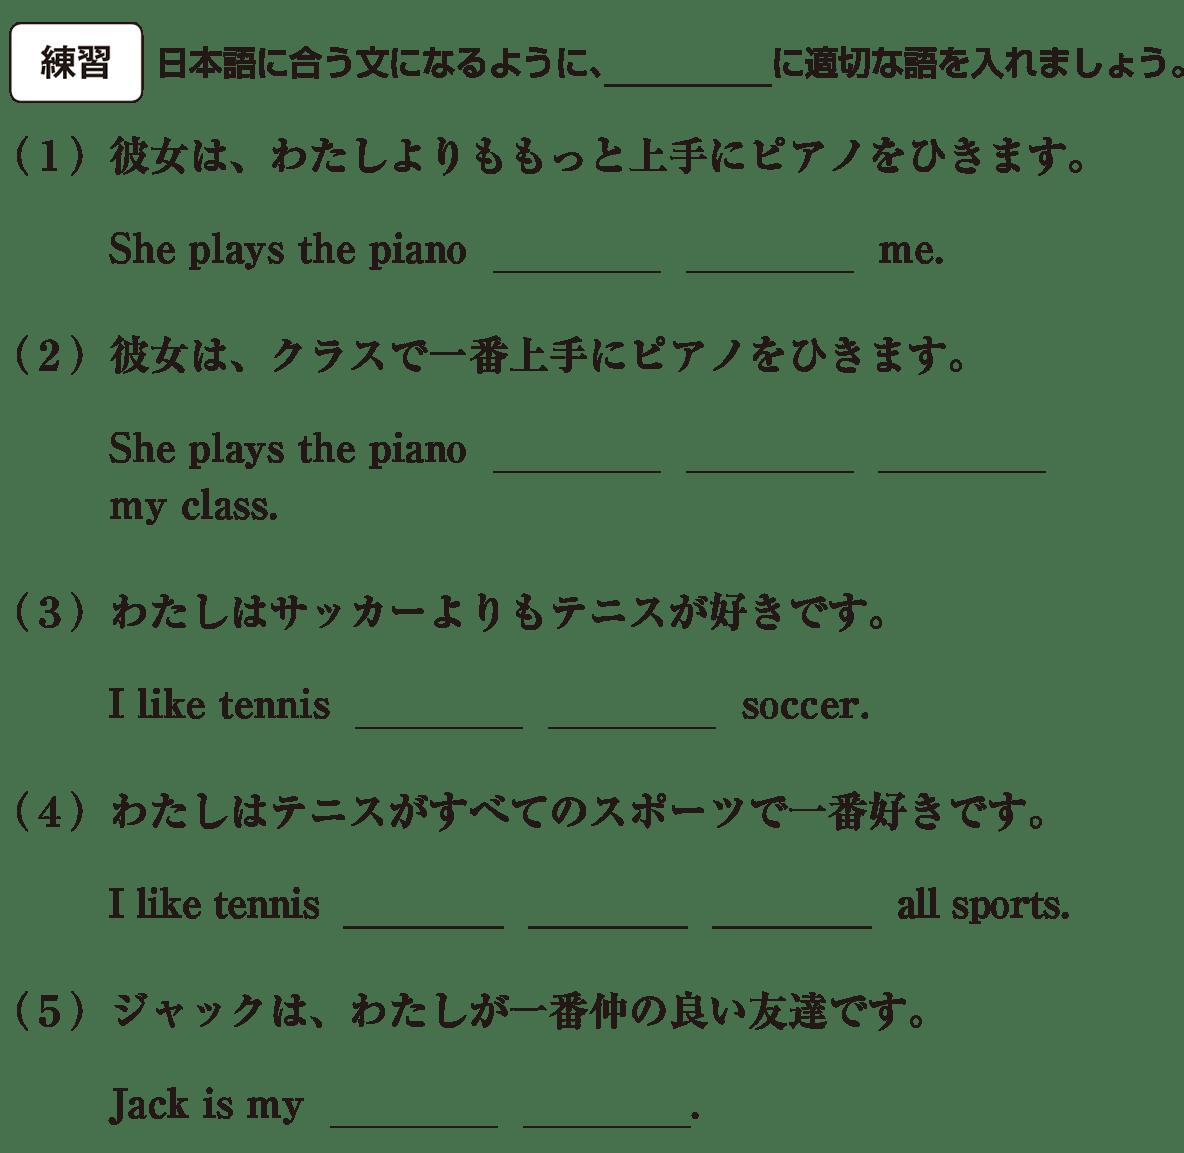 中2 英語73 練習